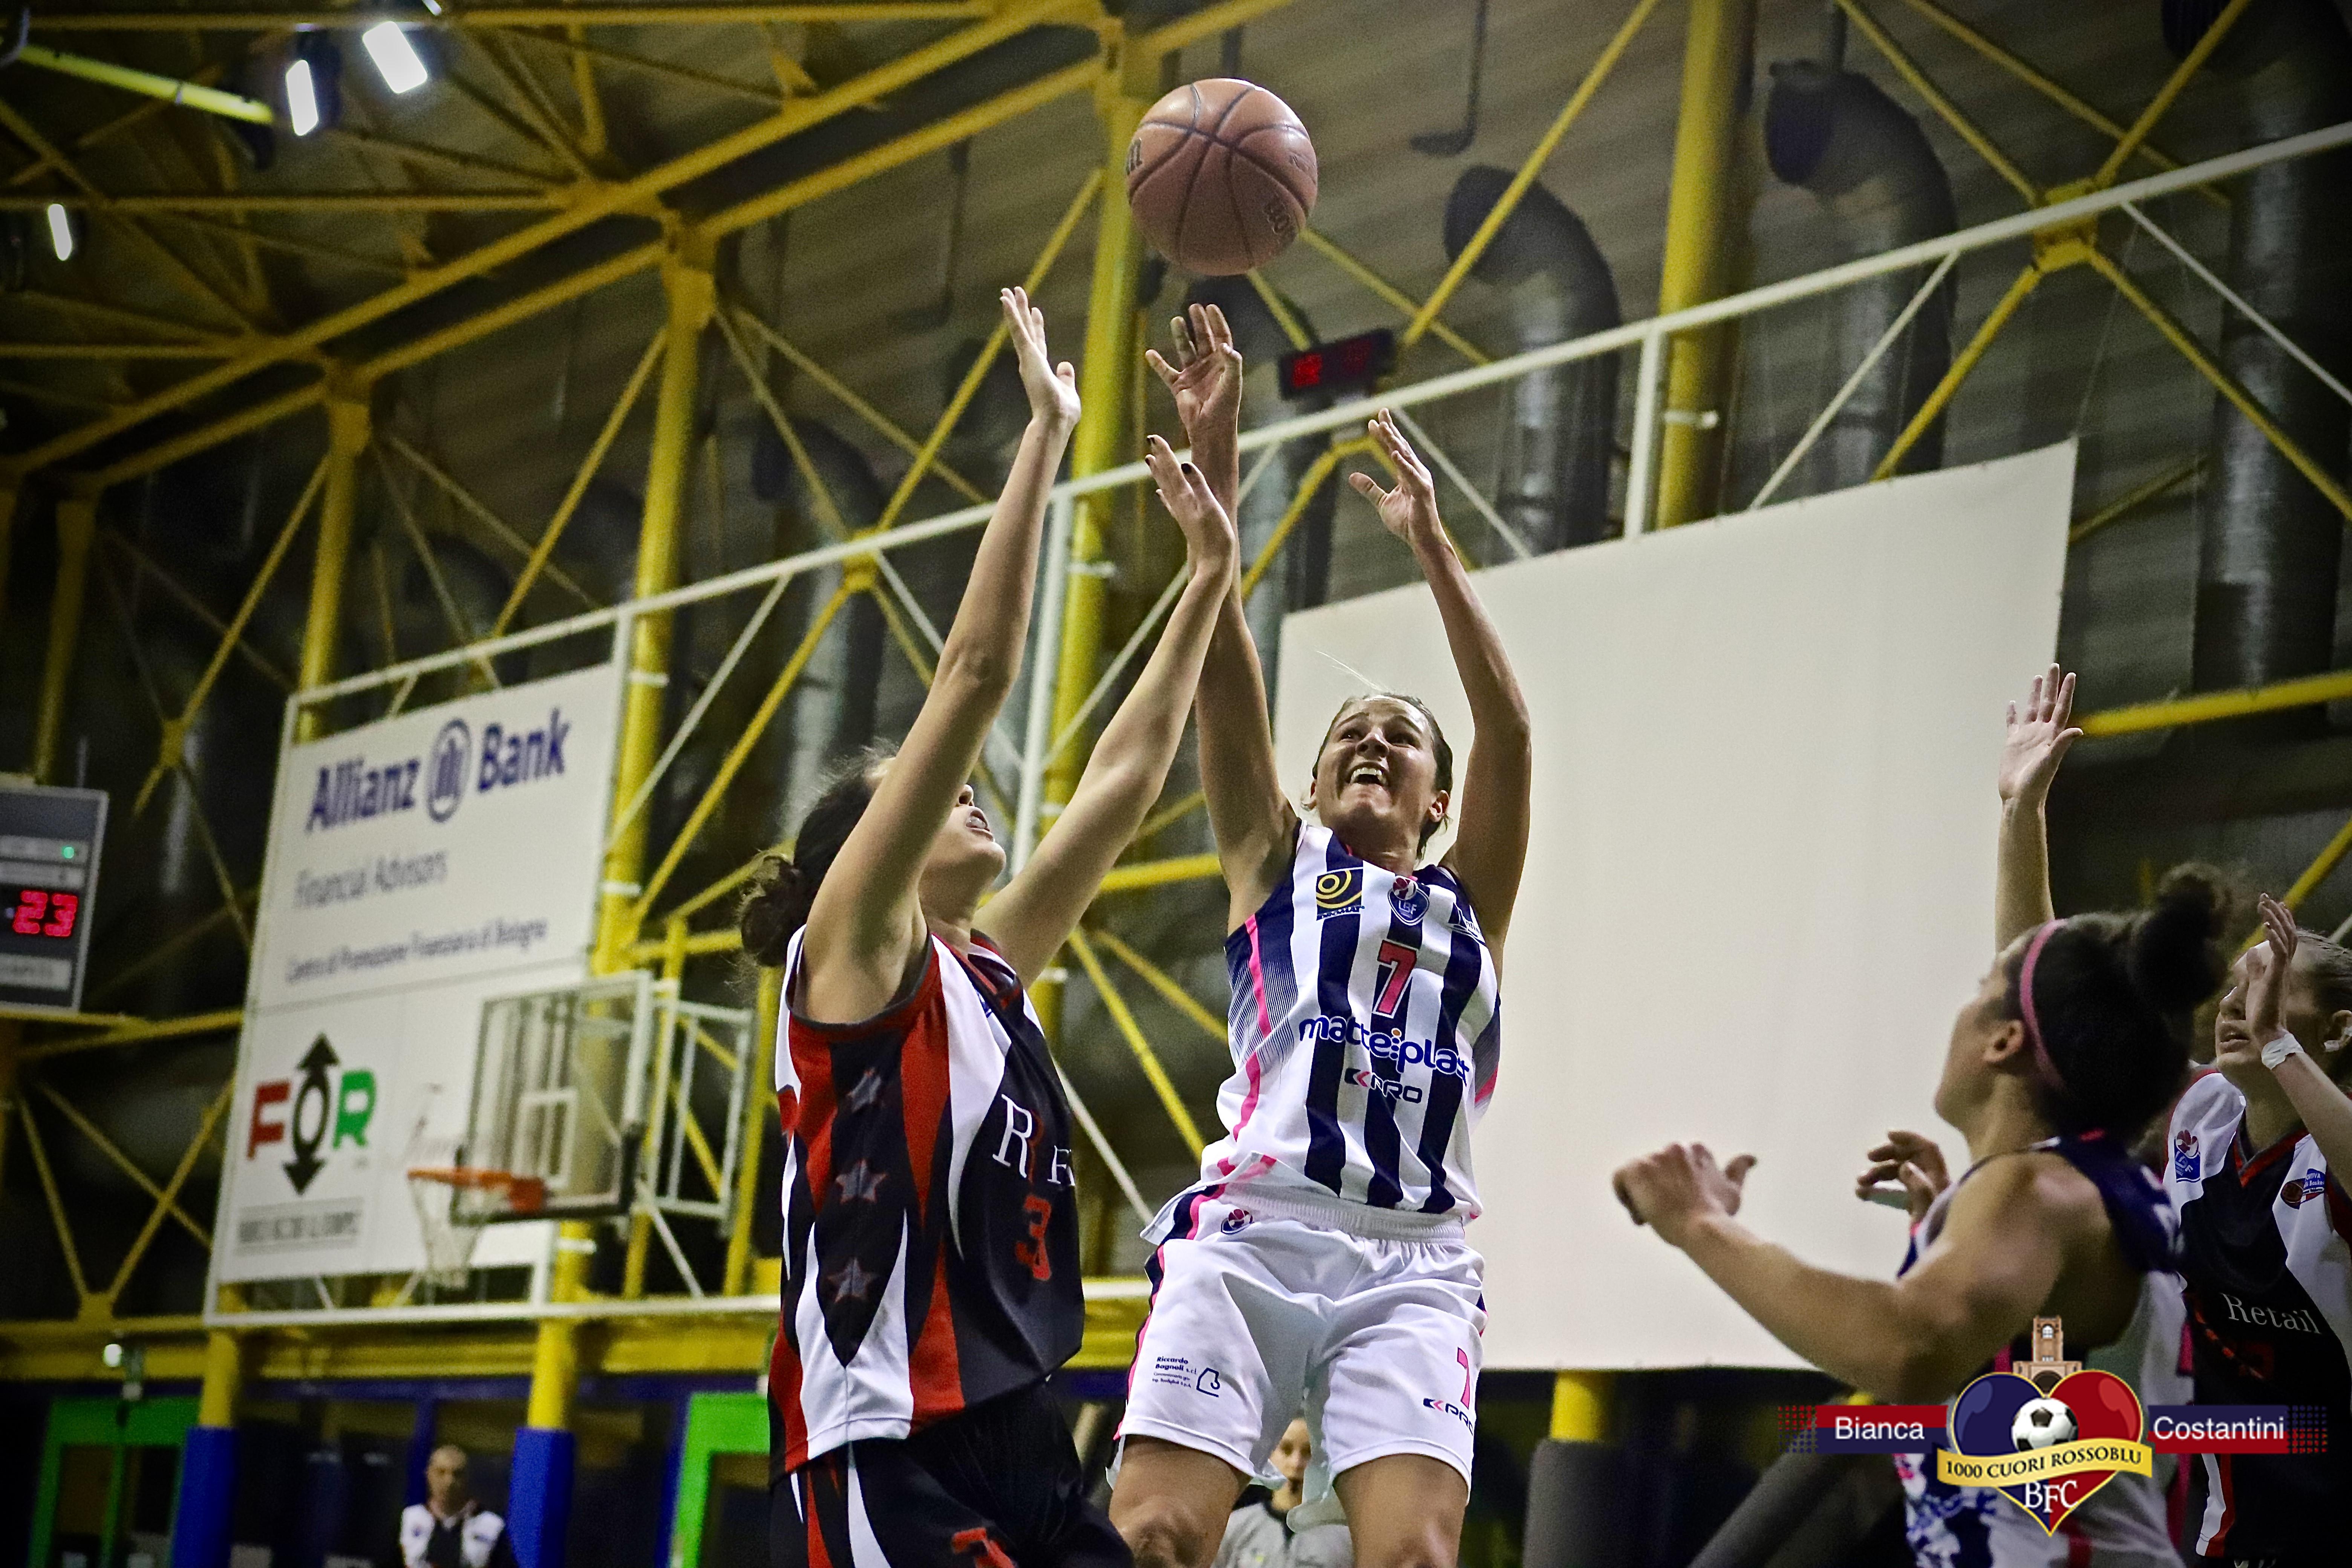 Tutto facile per la Progresso Matteiplast: schiantata l'Elite Basket Roma 44-77